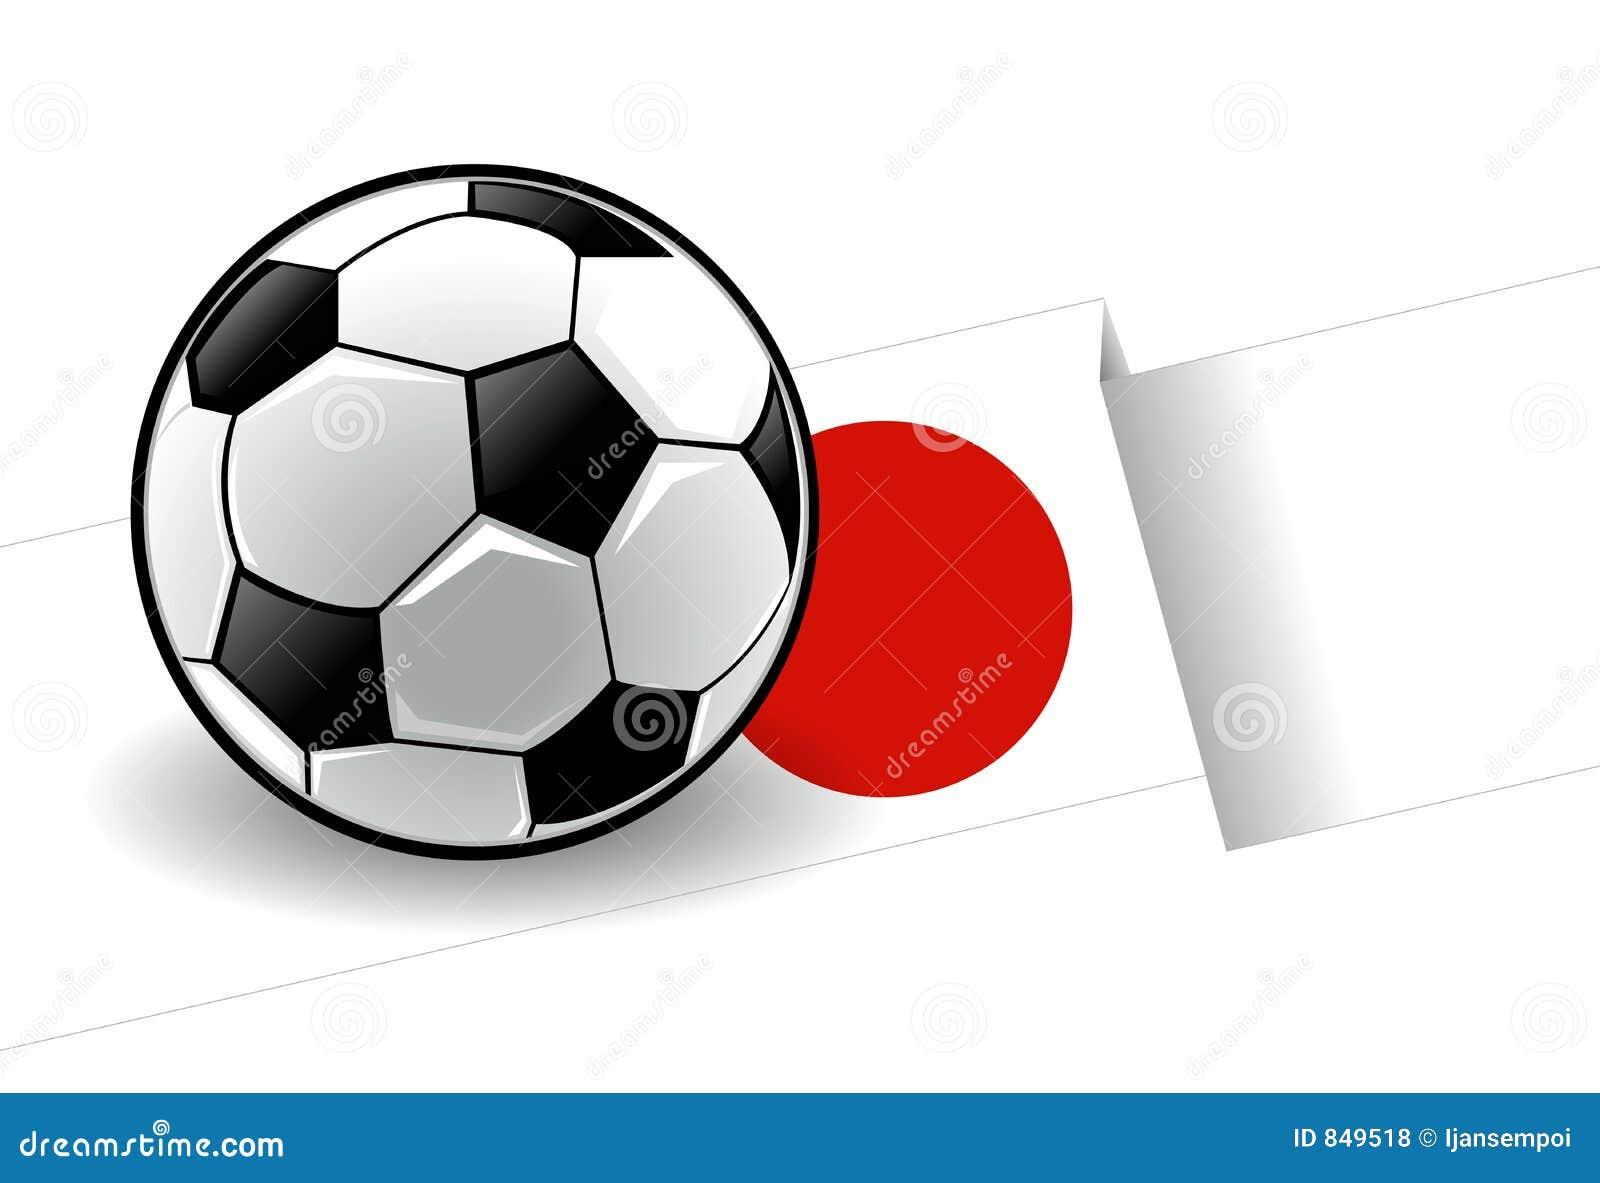 Football with flag - Japan